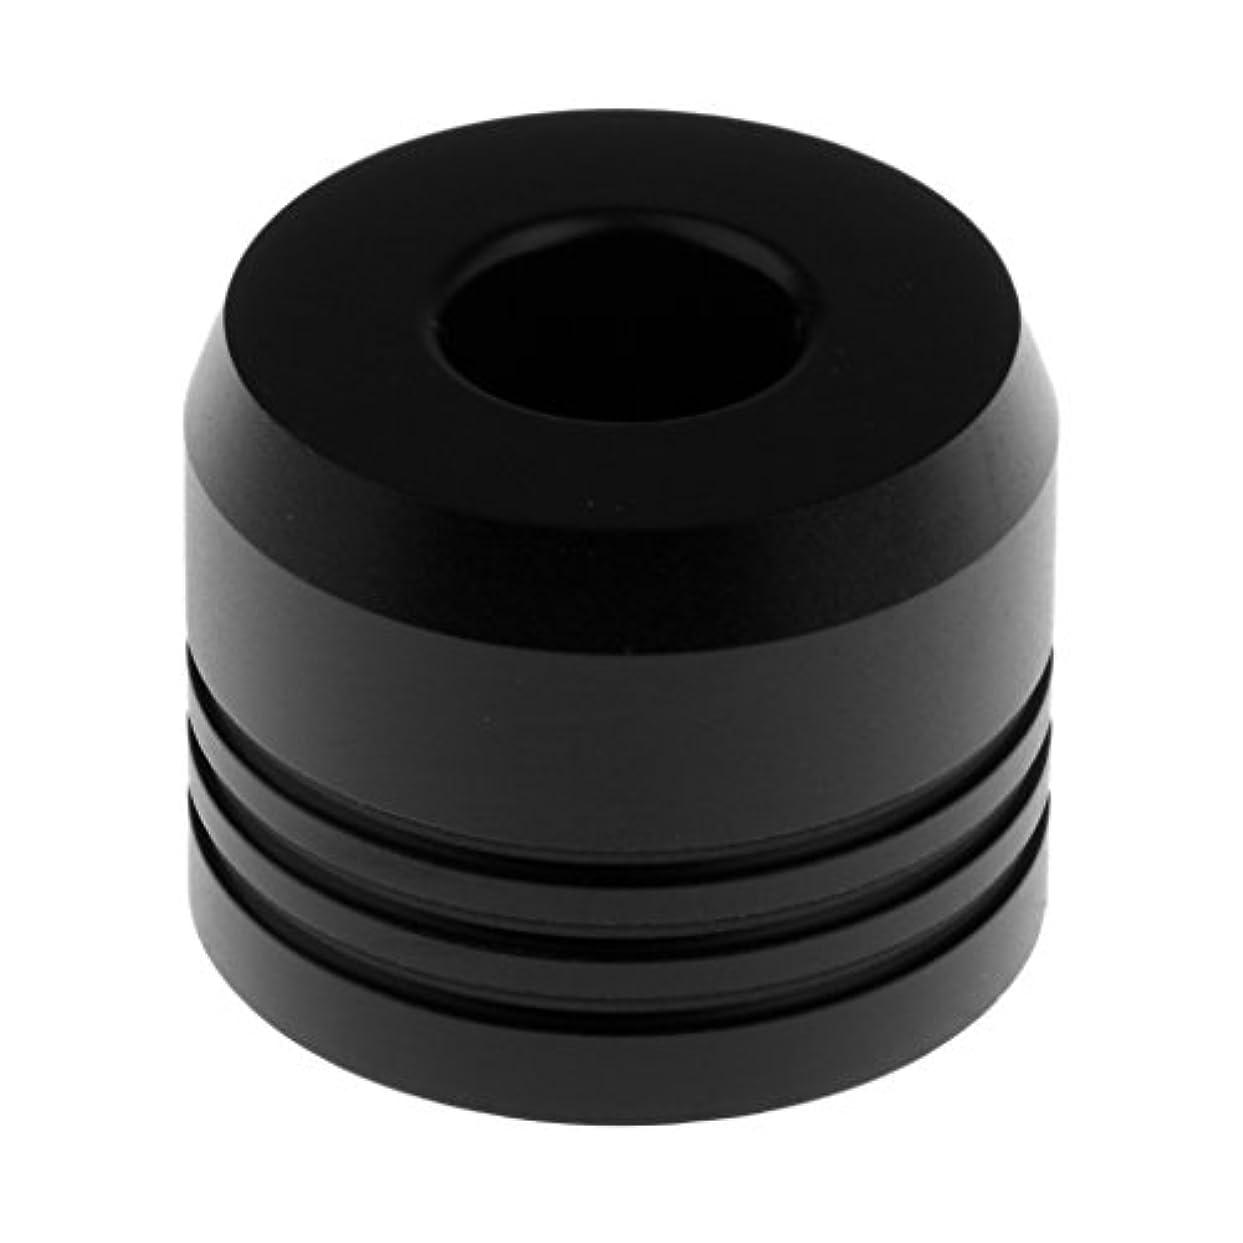 環境に優しい威するスクラップブックPerfk カミソリスタンド スタンド メンズ シェービング カミソリホルダー サポート 調節可 ベース 2色選べ   - ブラック